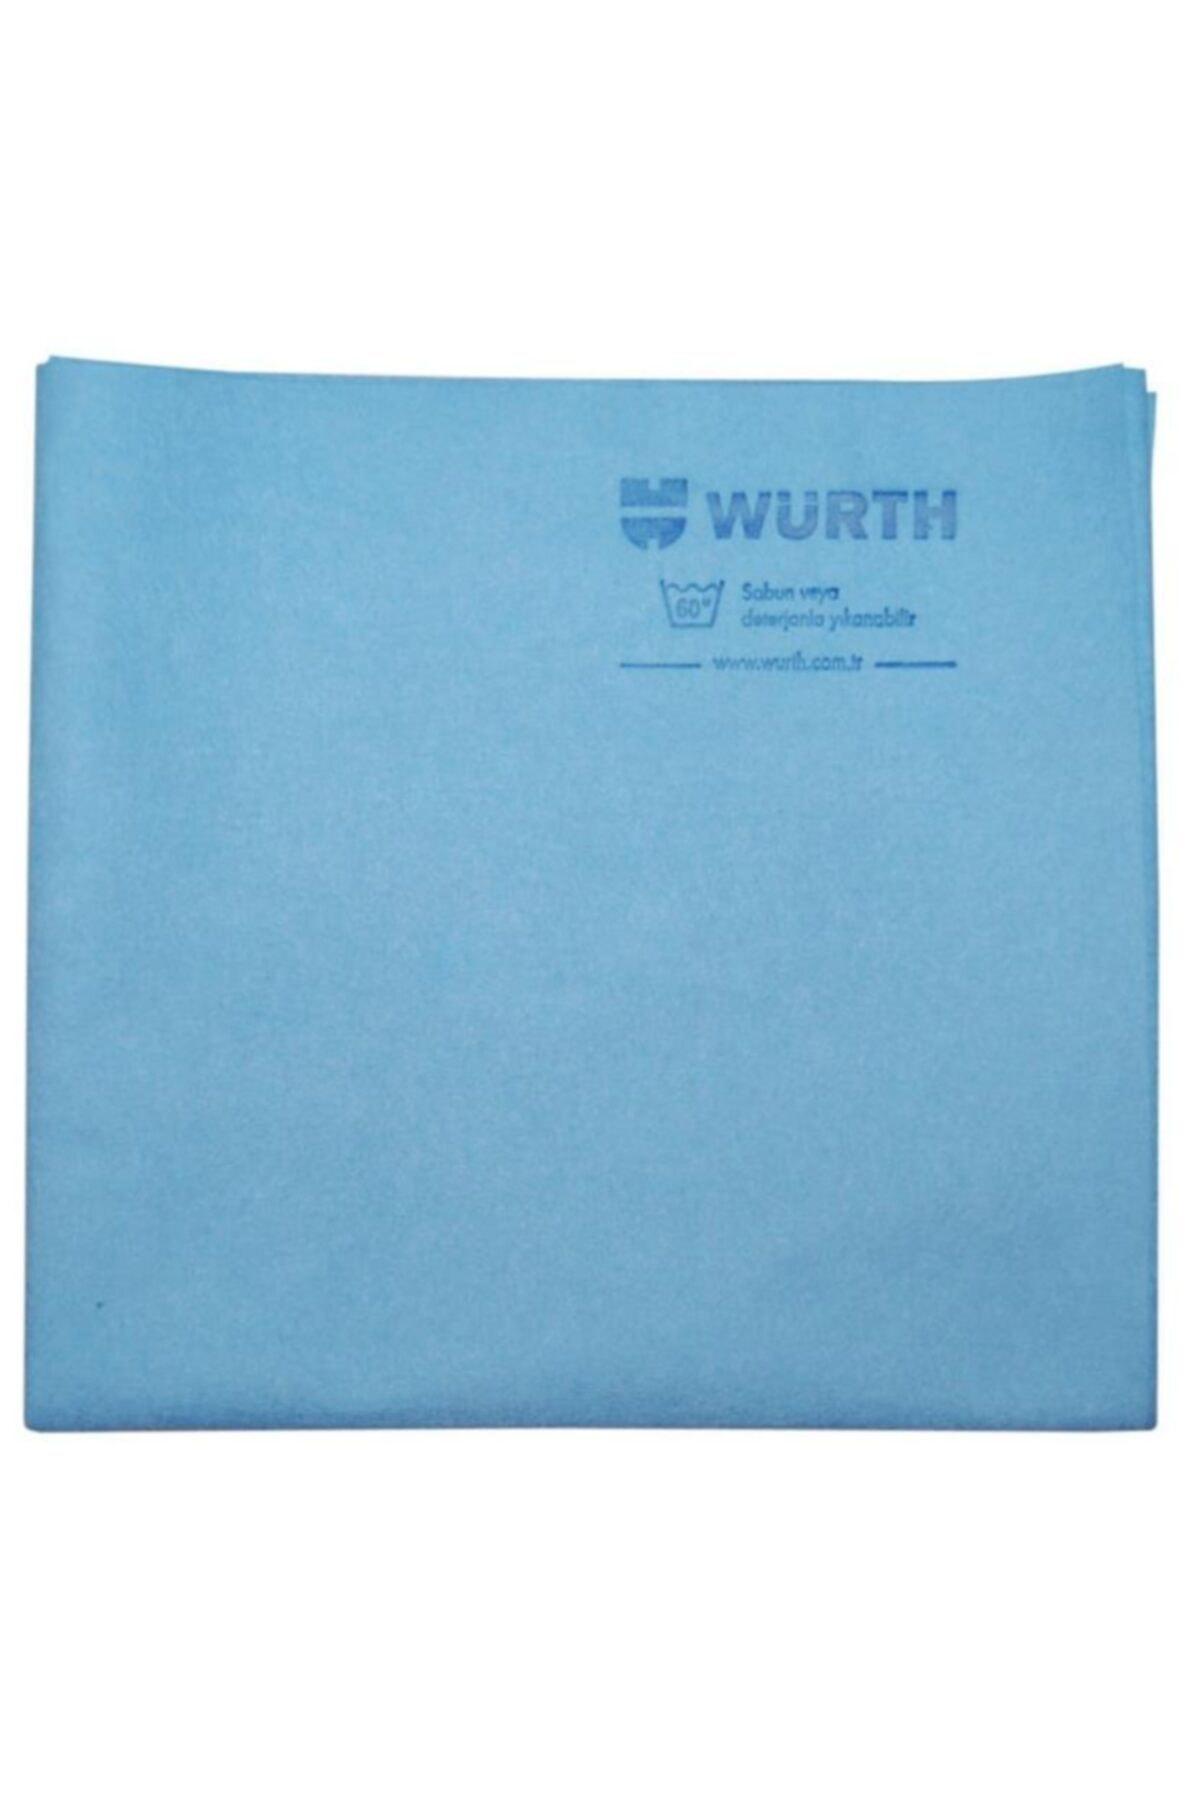 Würth Tvet Sentetik Güderi Bez 40x40 Cm 170 gr T37950 1